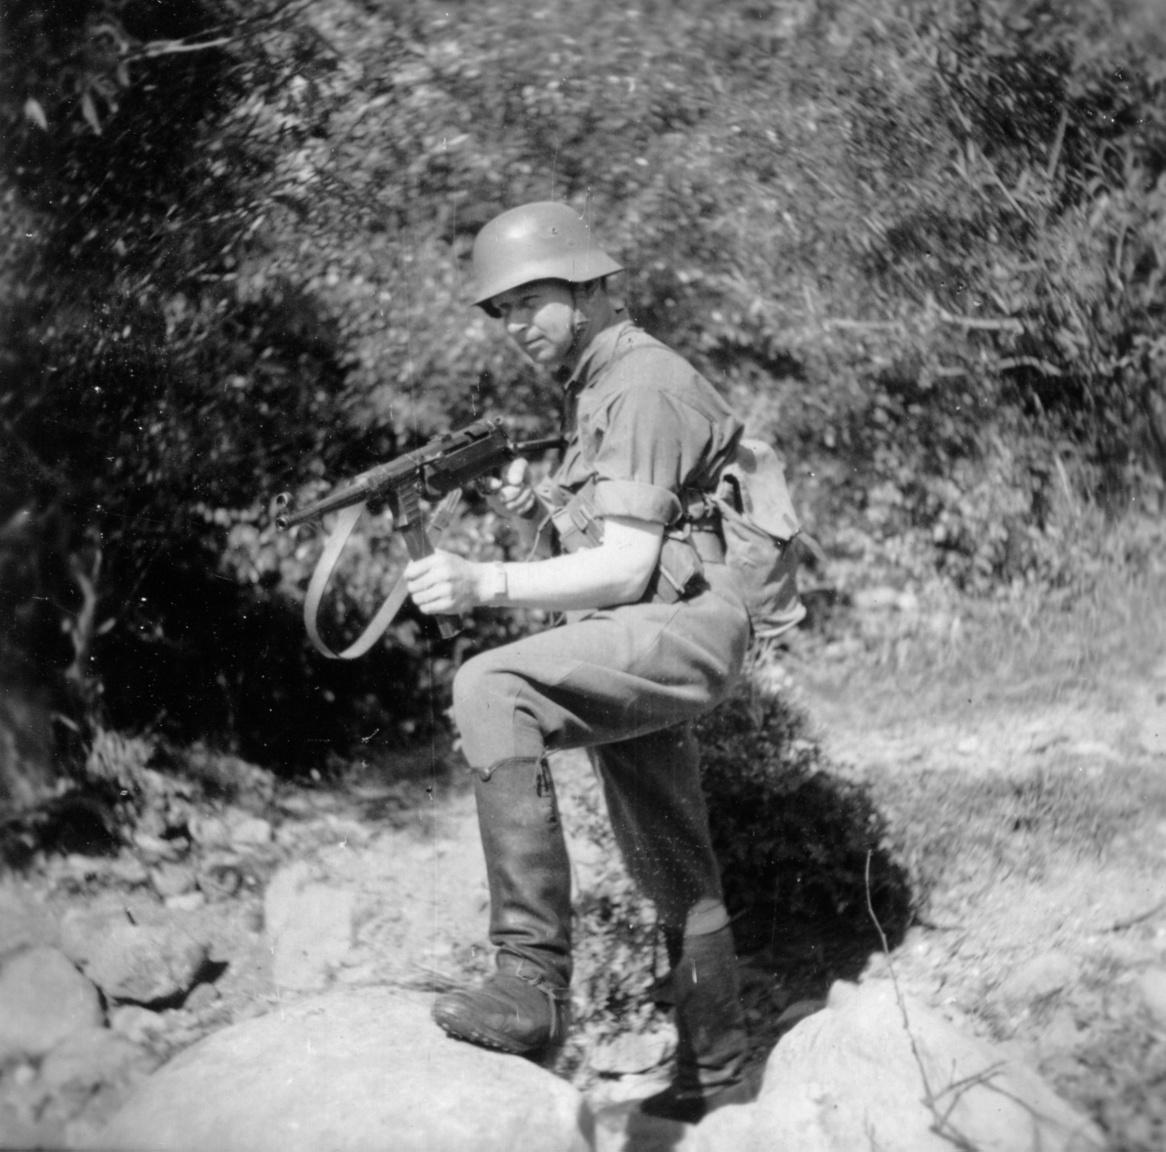 A 32/9 puskásszázad III. szakaszának parancsnoka, Csáky Kálmán hadapród őrmester, kezében 40M Schmeisser géppisztollyal.